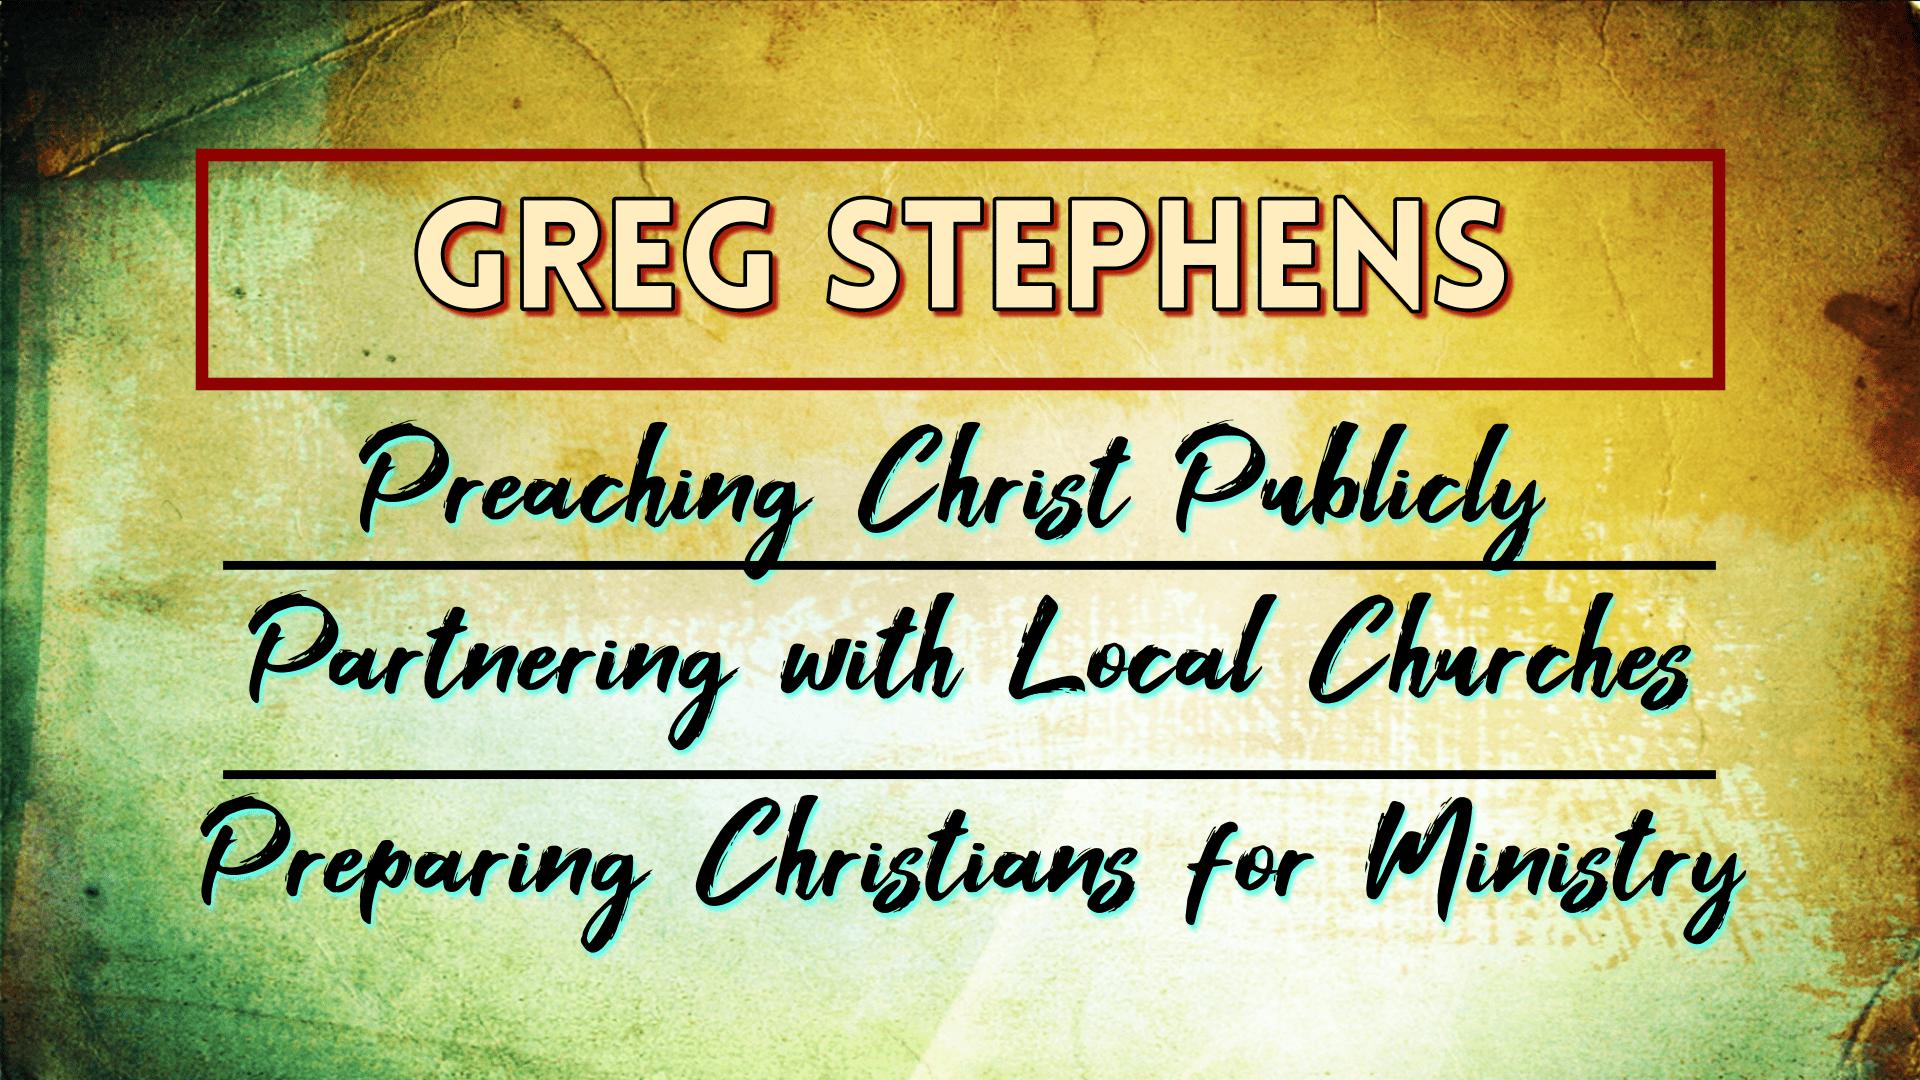 The Gospel of Jesus Christ - Greg Stephens